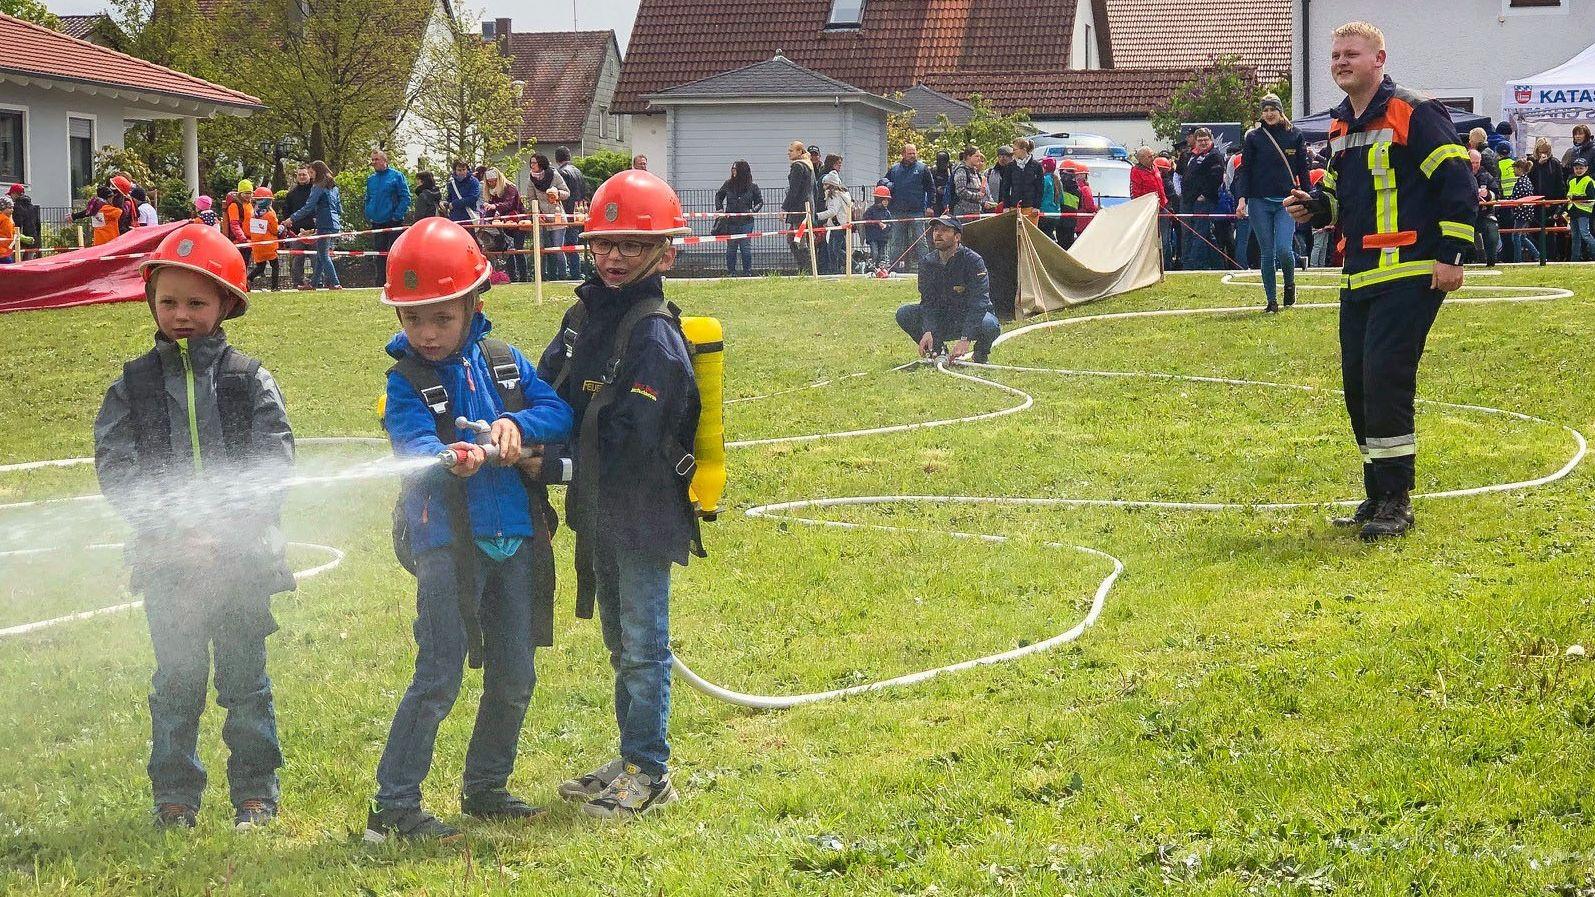 Rund 250 Kinder im Alter zwischen sechs und zwölf  Jahren haben an der Kinderfeuerwehr-Olympiade in Roding teilgenommen.